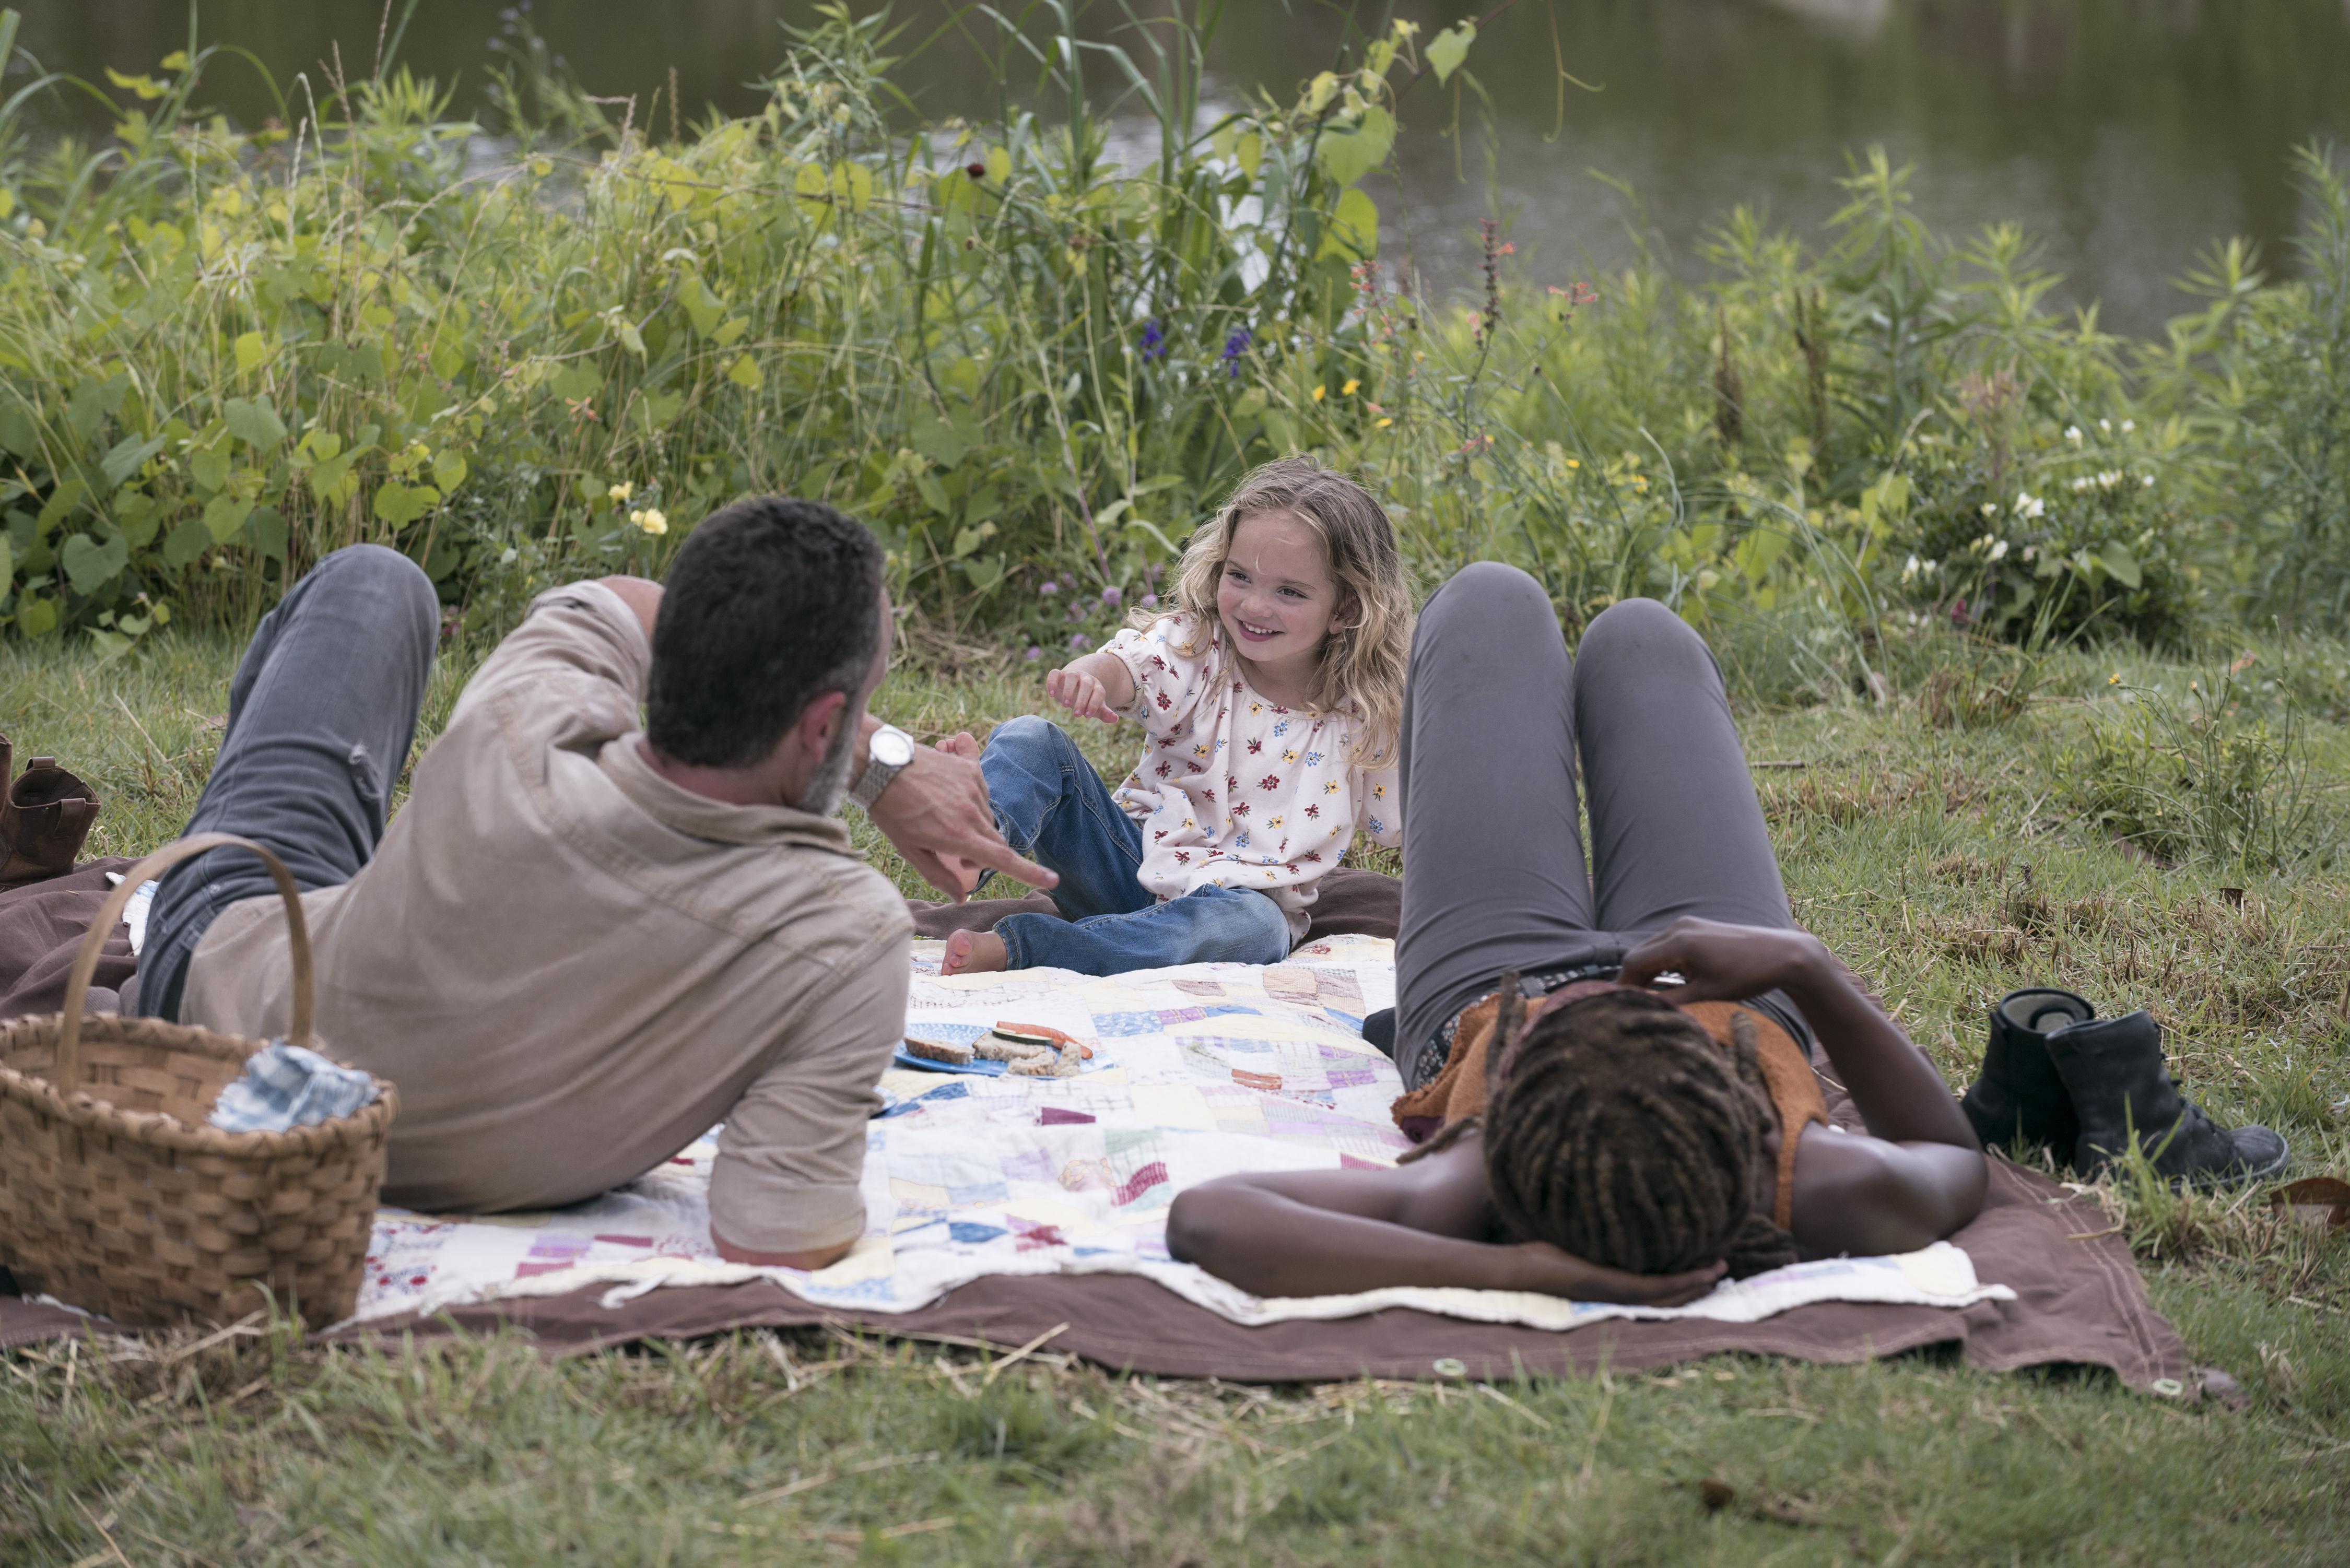 Rick Grimes (Andrew Lincoln), Judith Grimes (Chloe Garcia-Frizzi) et Michonne (Danai Gurira) - The Walking Dead Saison 9 Épisode 3 - Crédit Photo: Gene Page/AMC